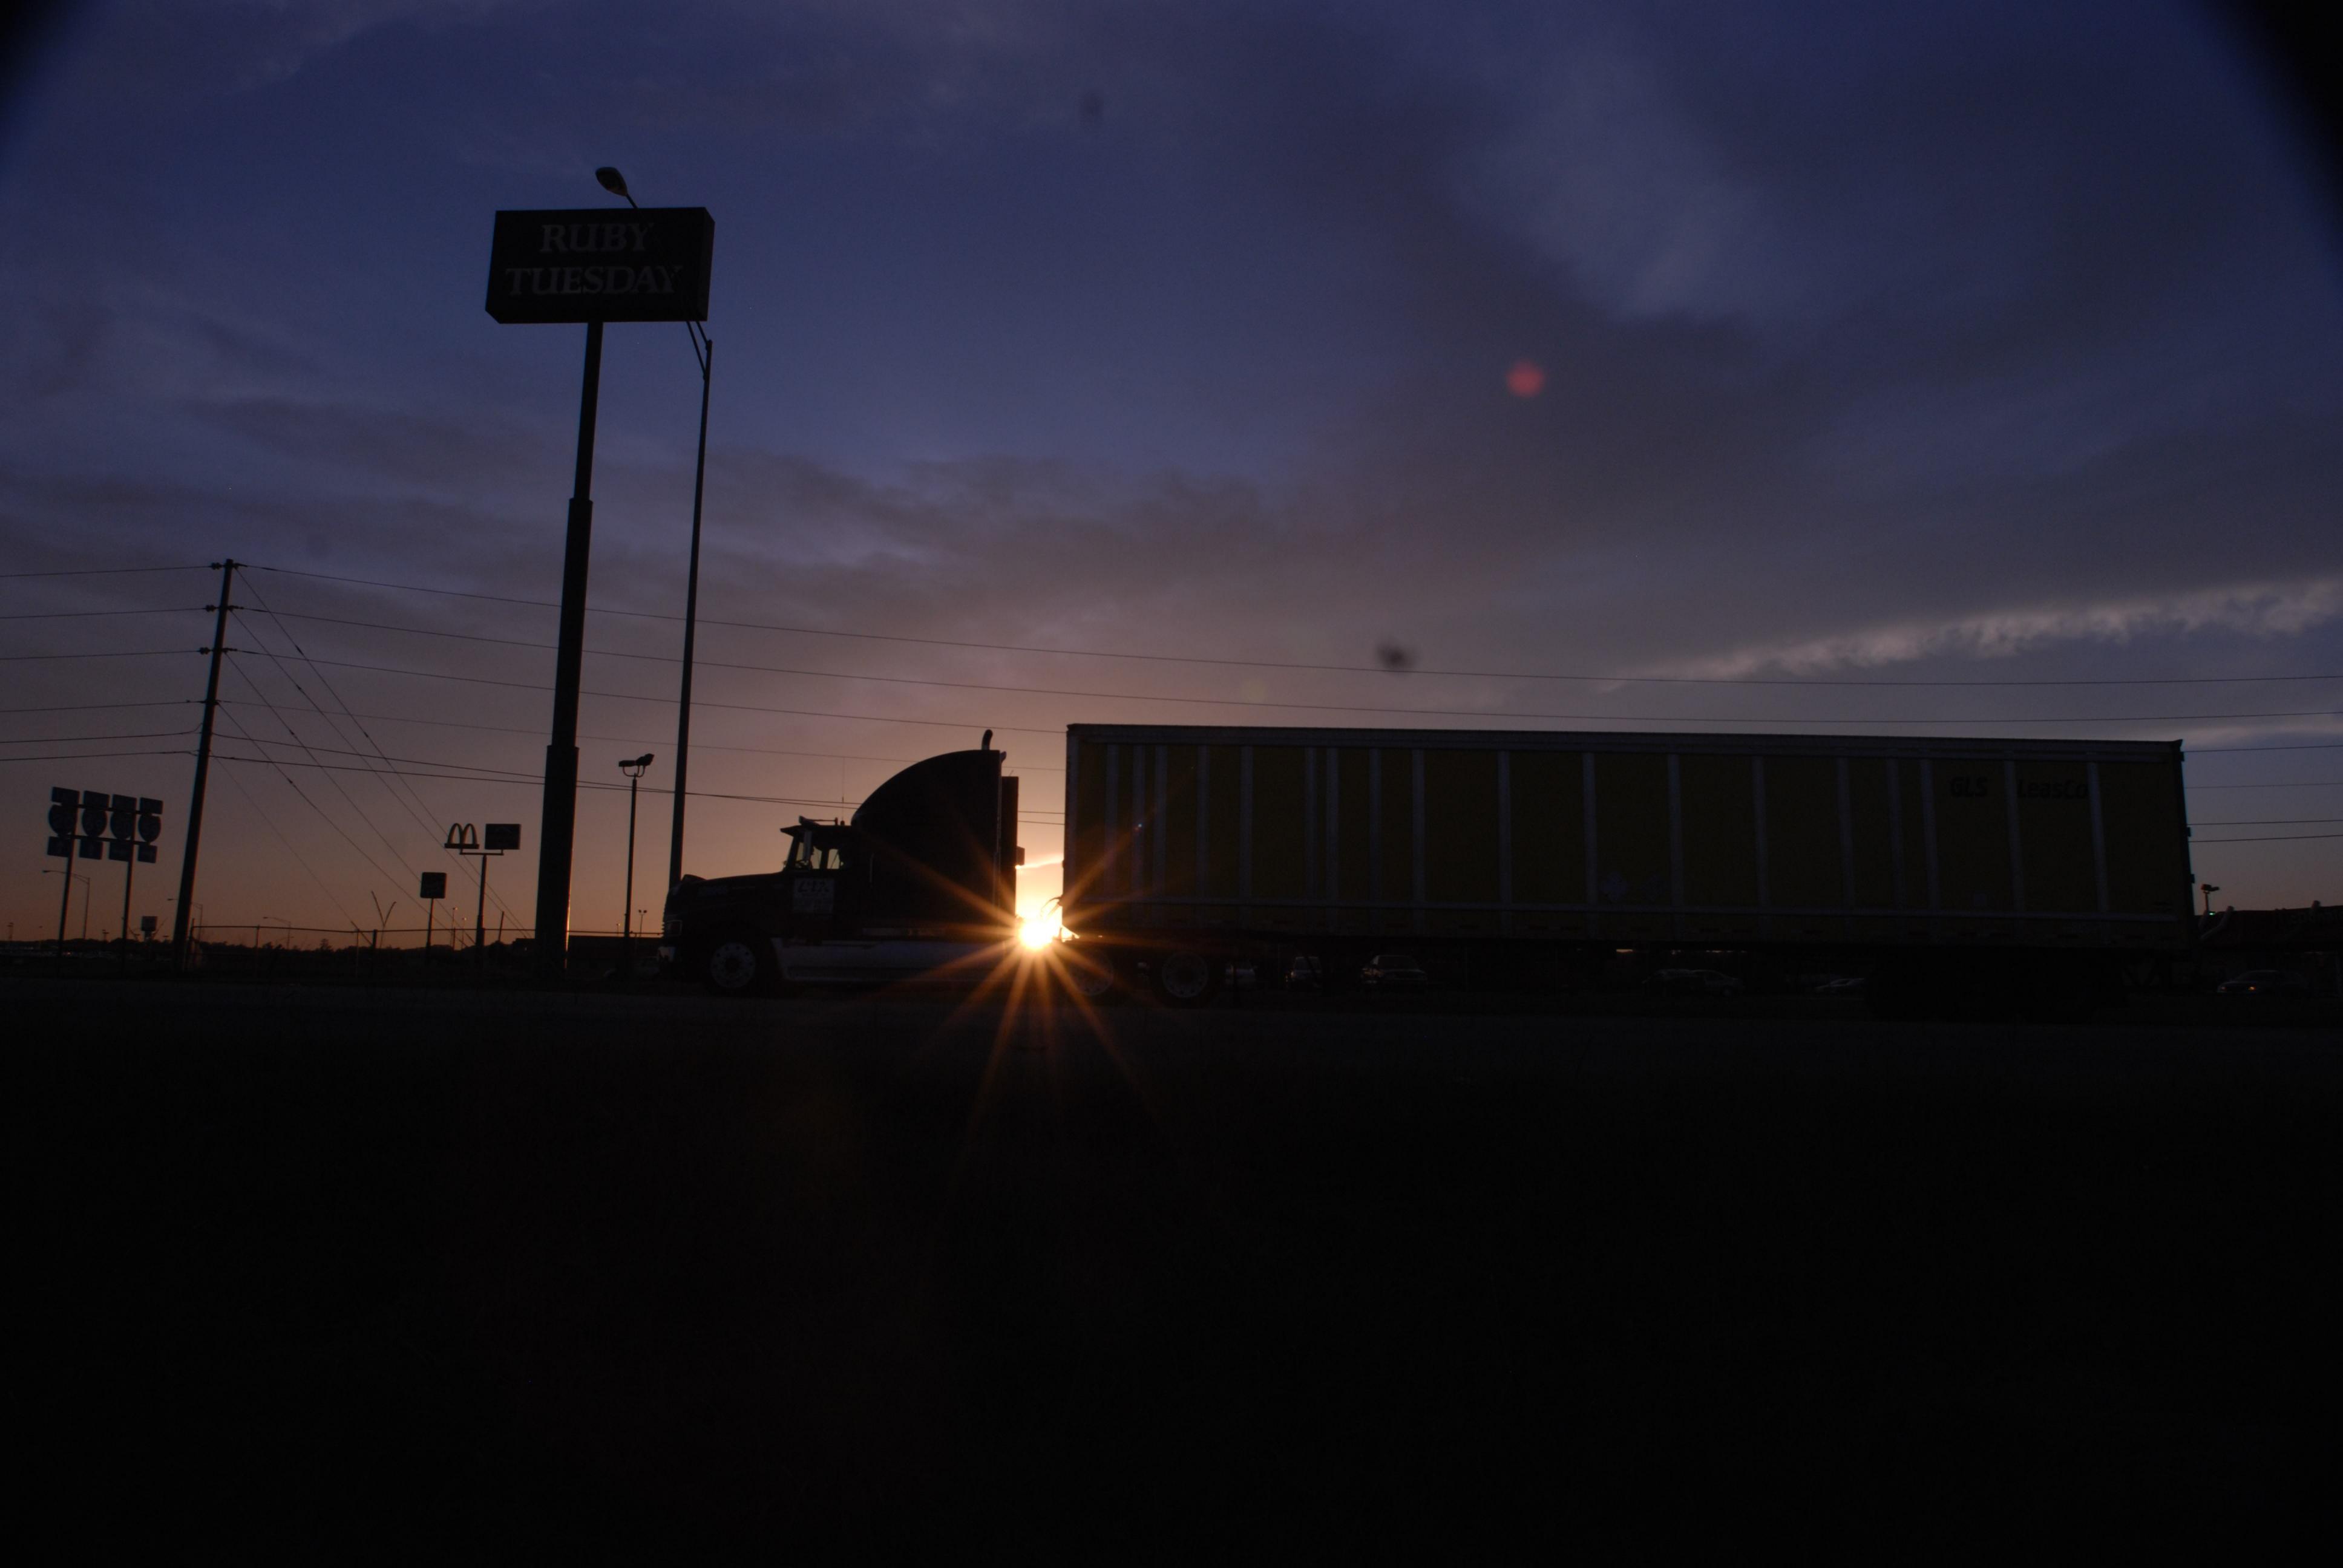 truckstop truck stop hours of service evening parking hos fuel island20071001_0002